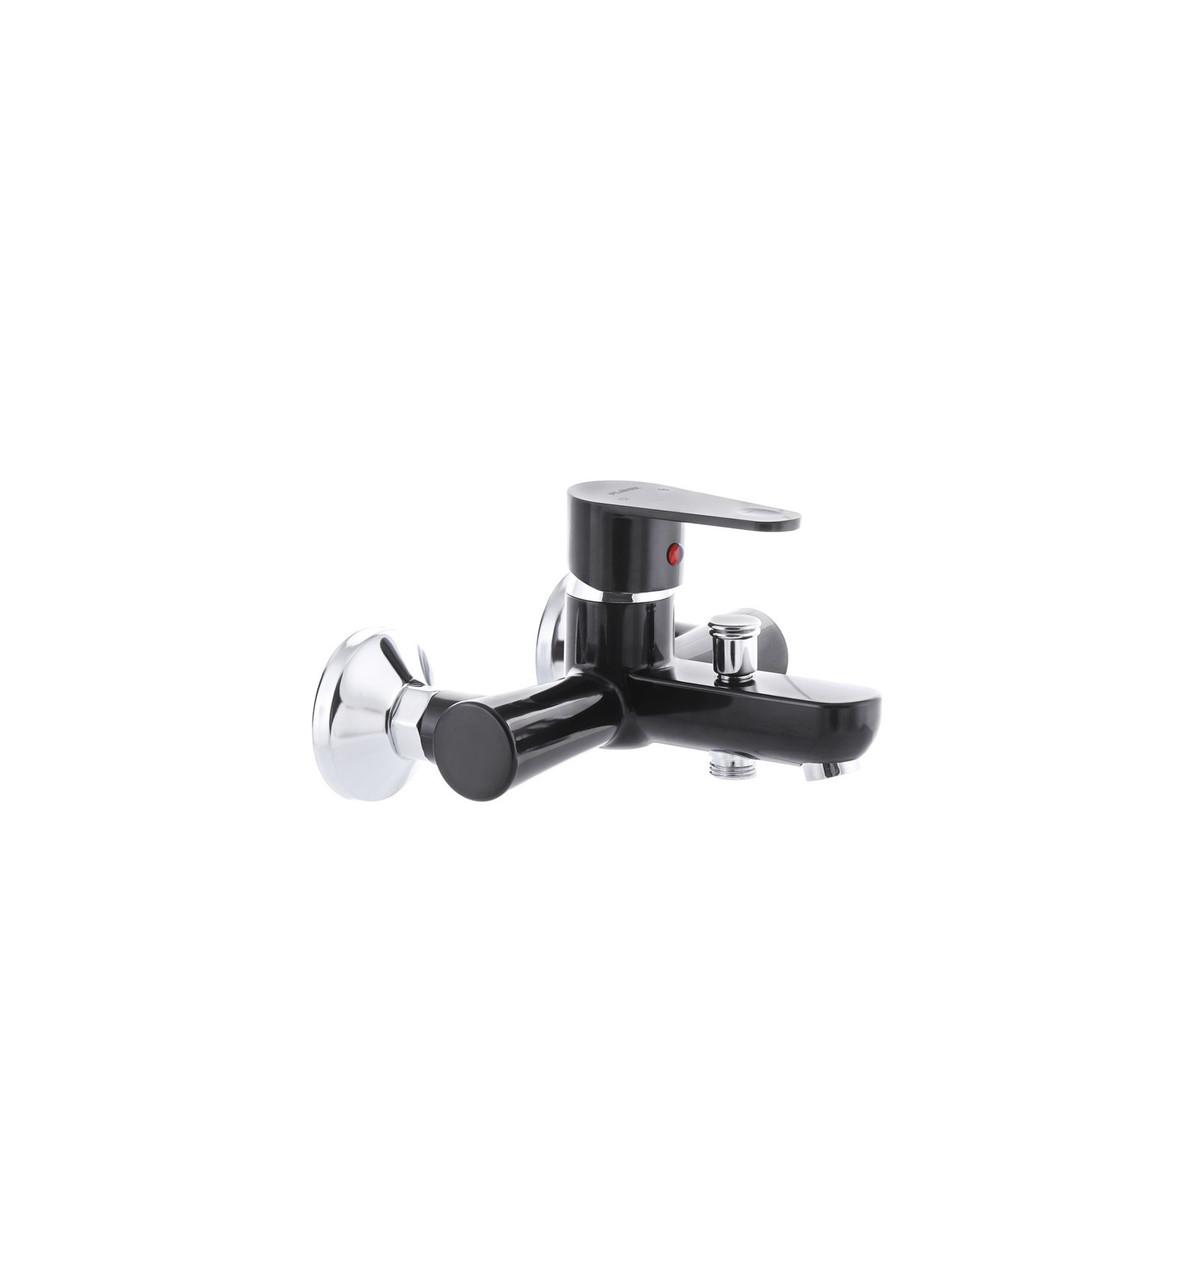 Змішувач для ванни PLAMIX VEGA-009 Black